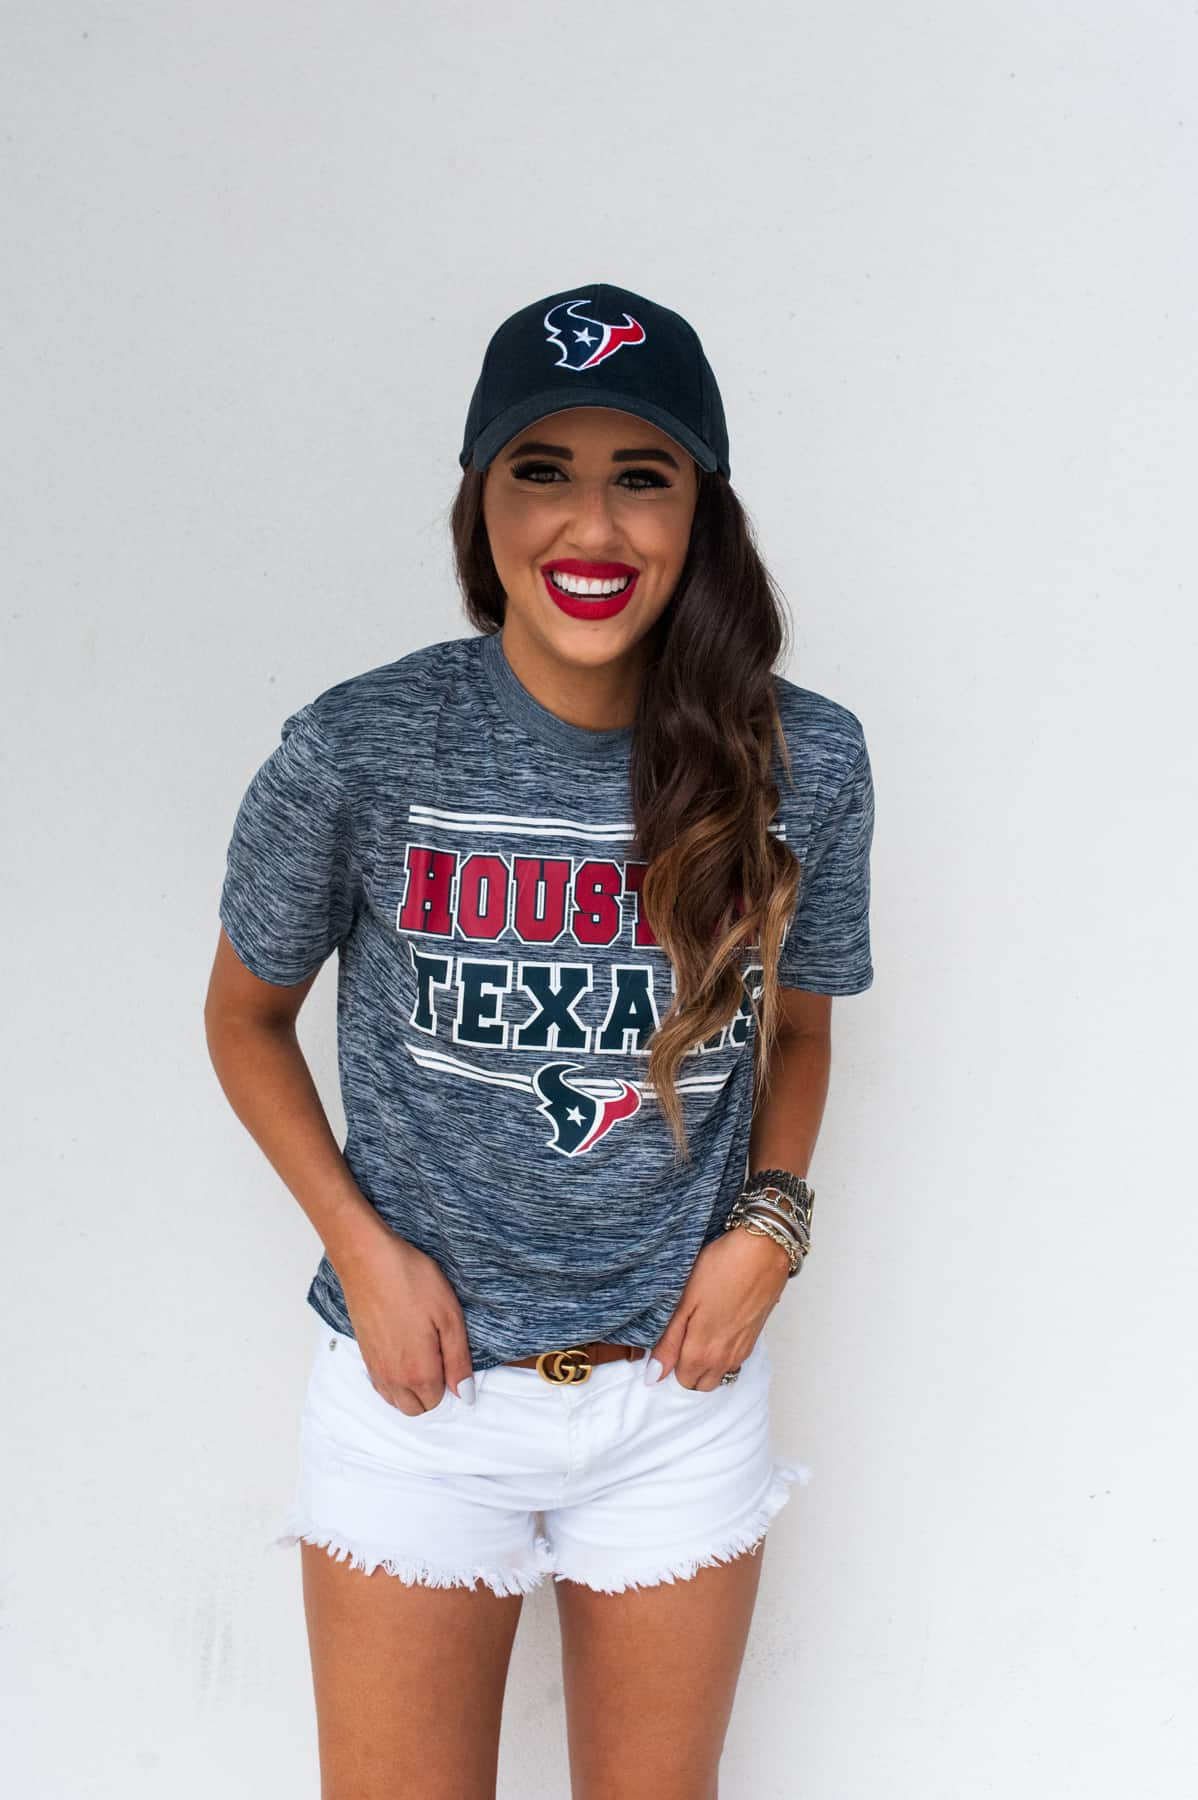 texans,